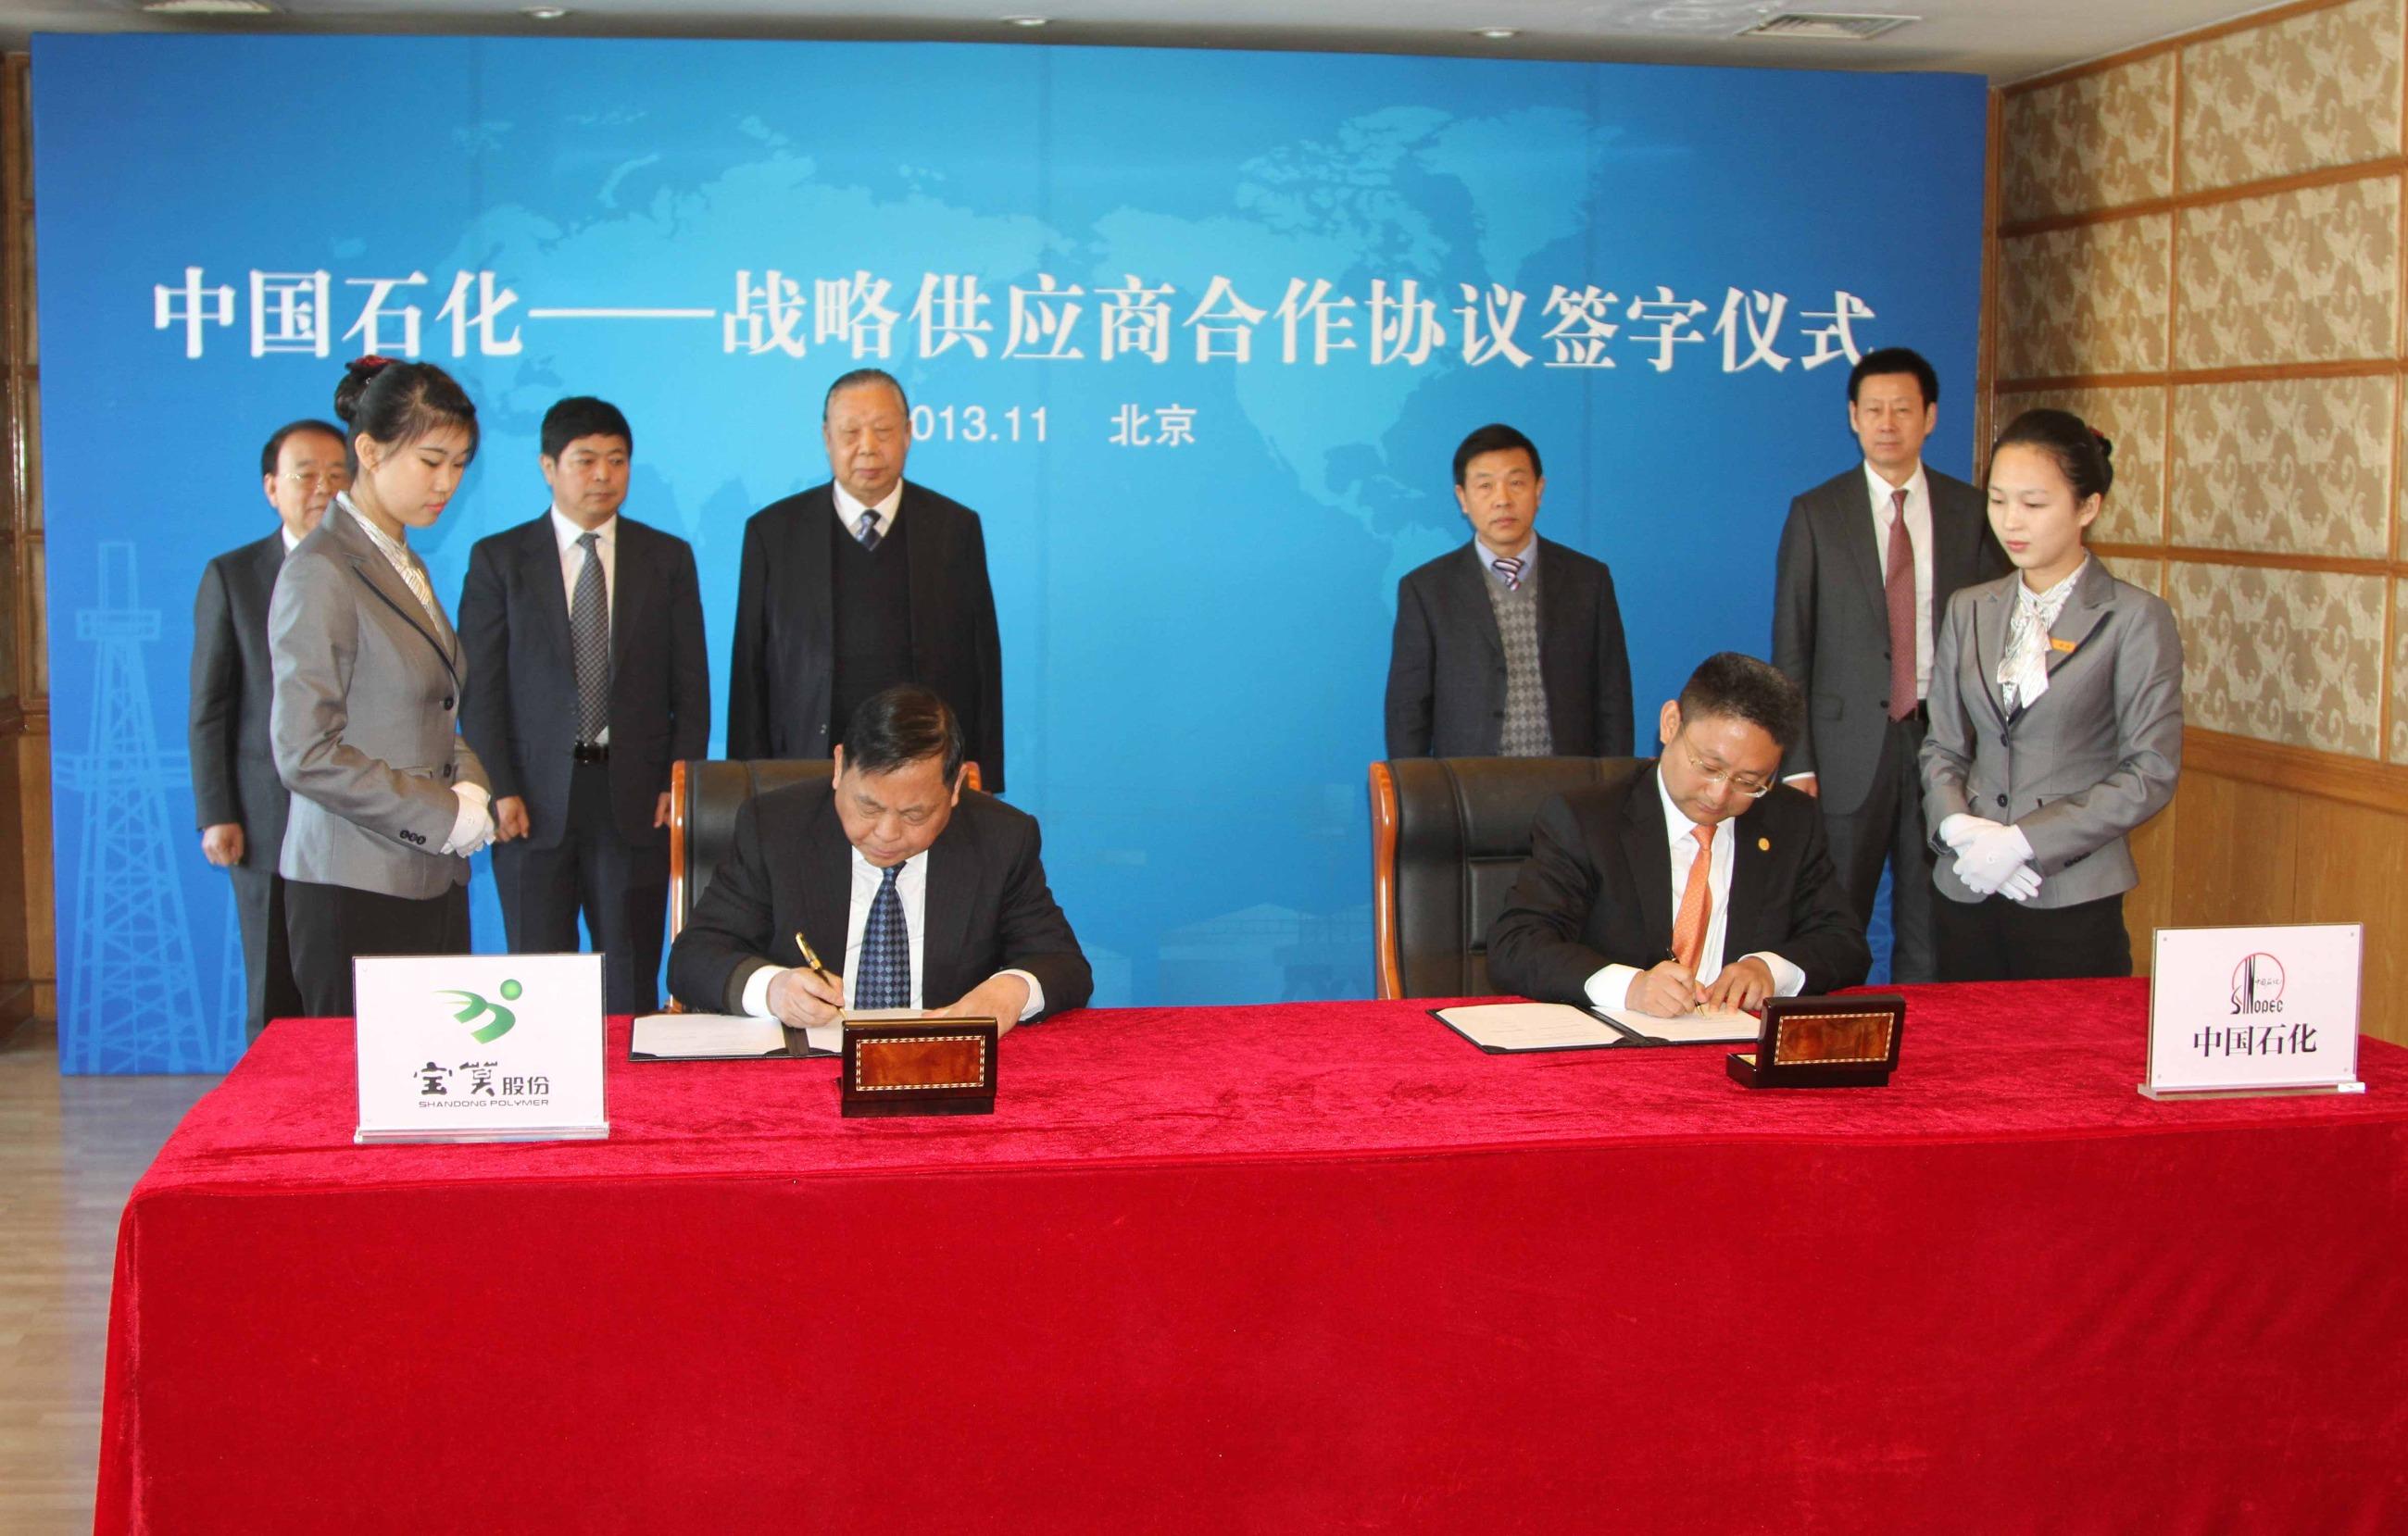 公司与中石化签订战略合作协议